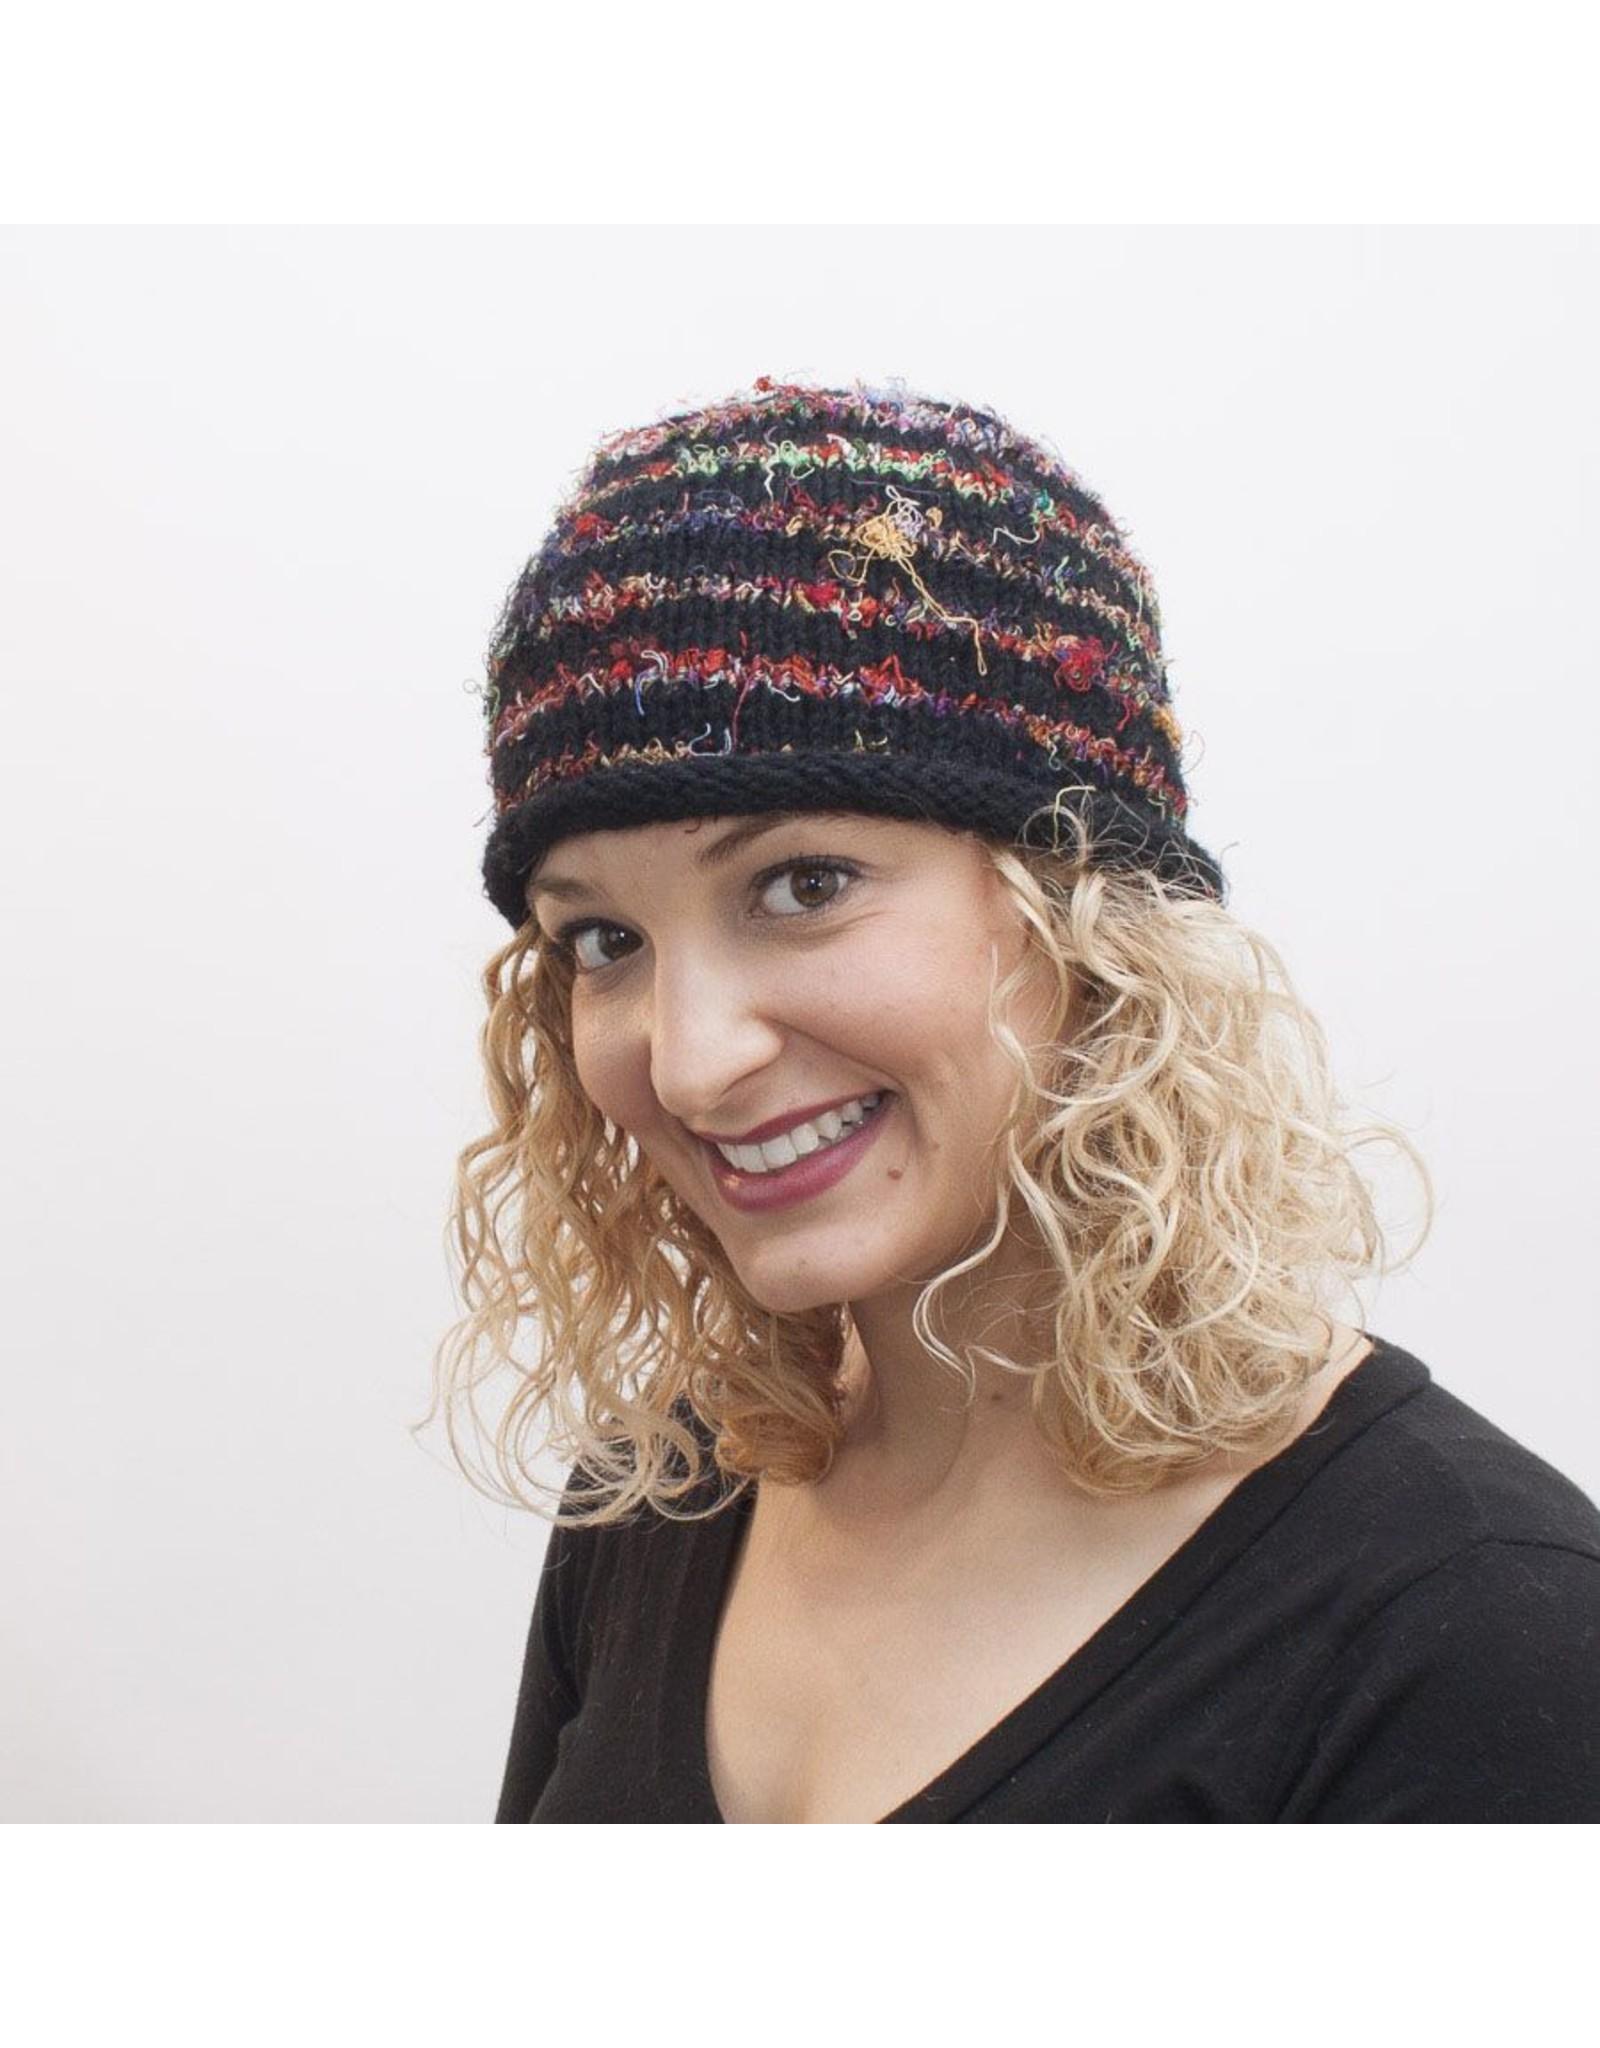 The Sweater Venture Roll Brim Cap in Wool & Silk